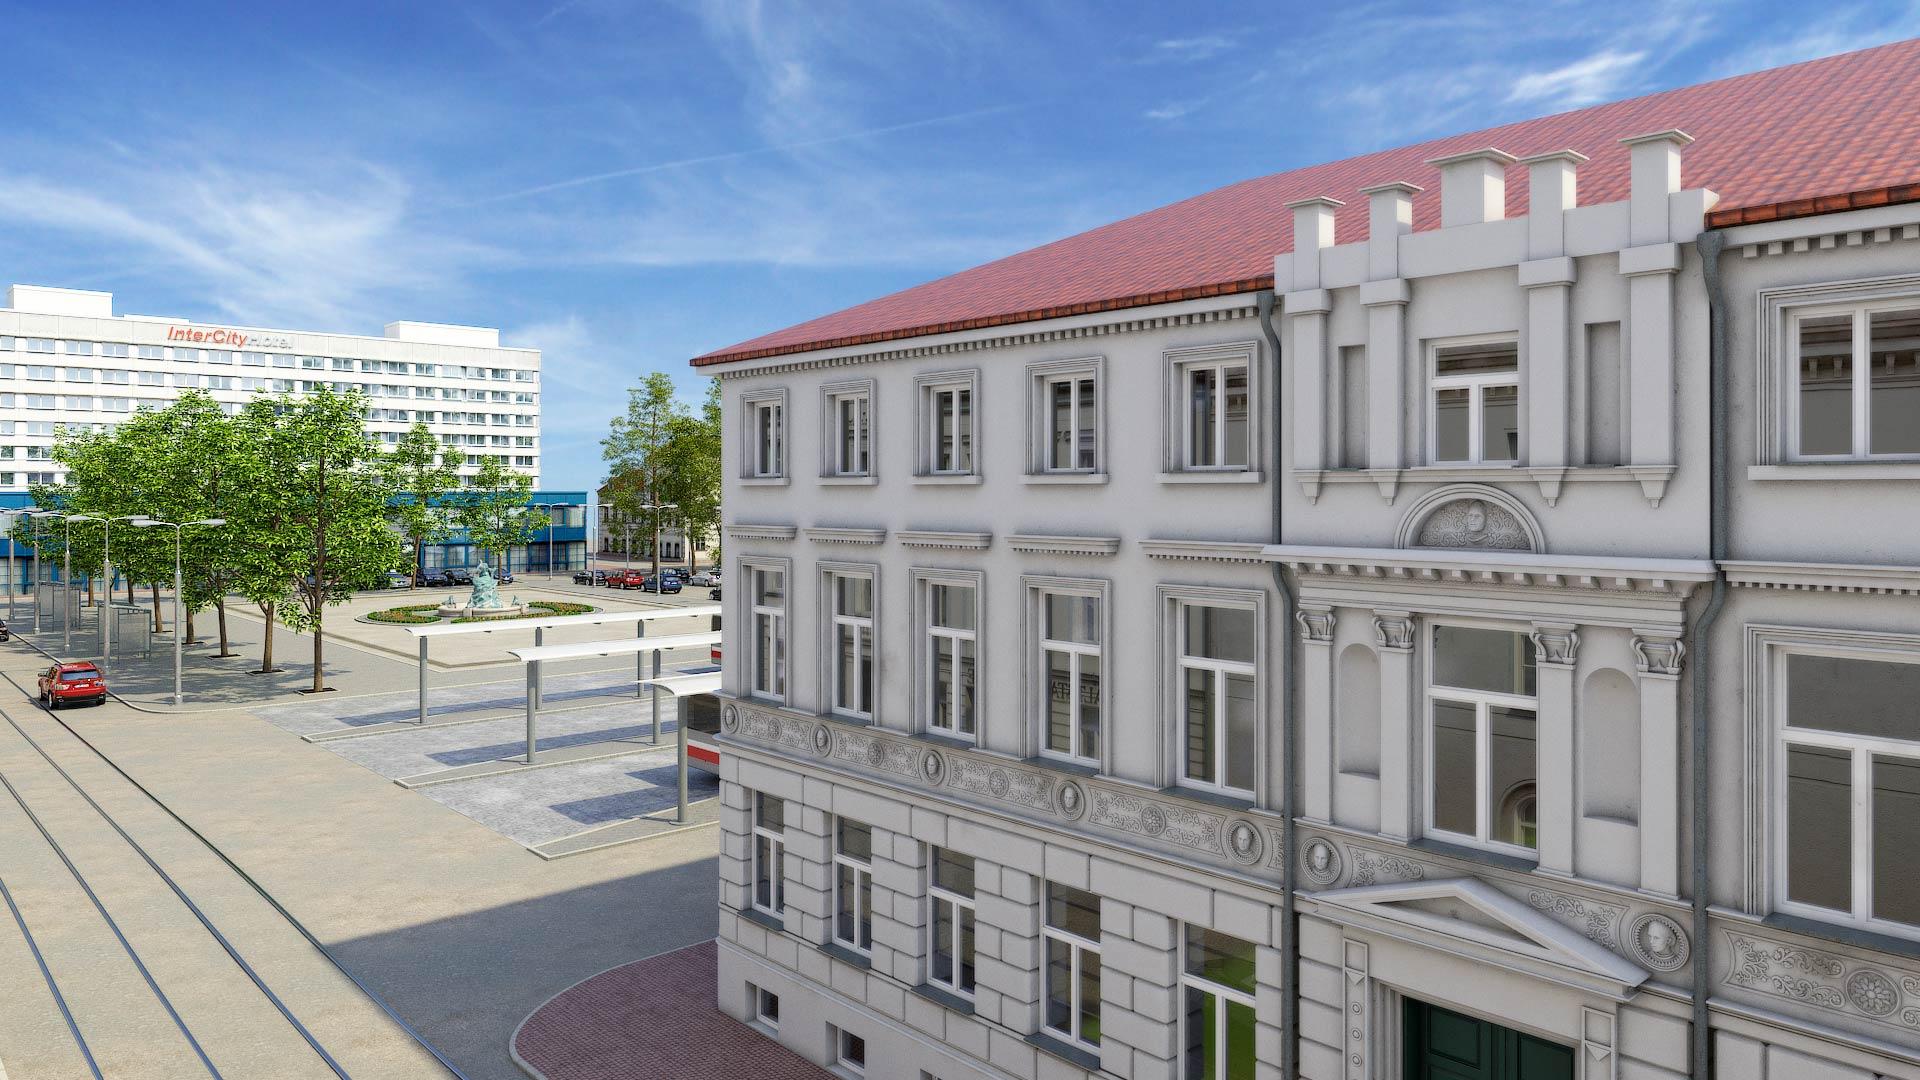 Haus_Grunthalplatz_Wismarsche_Strasse_Schwerin_3D_Architekturvisualisierung Schwerin Grunthalplatz 3D Architekturvisualisierung